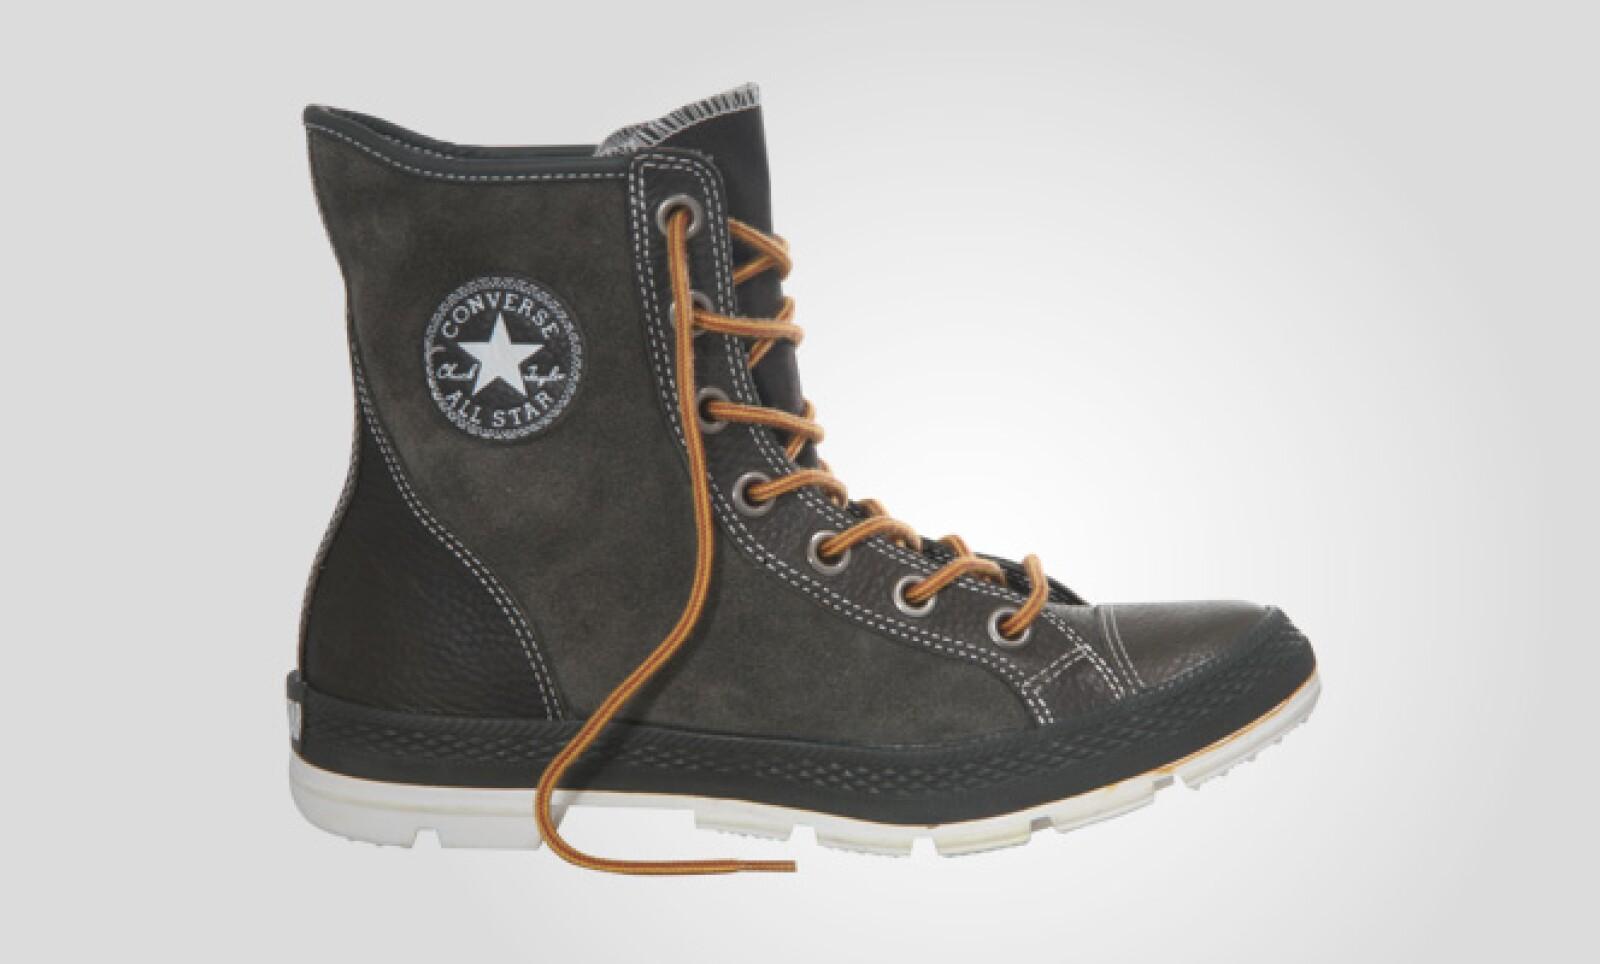 La suela de goma de este calzado te permitirá caminar con confianza en cualquier camino.